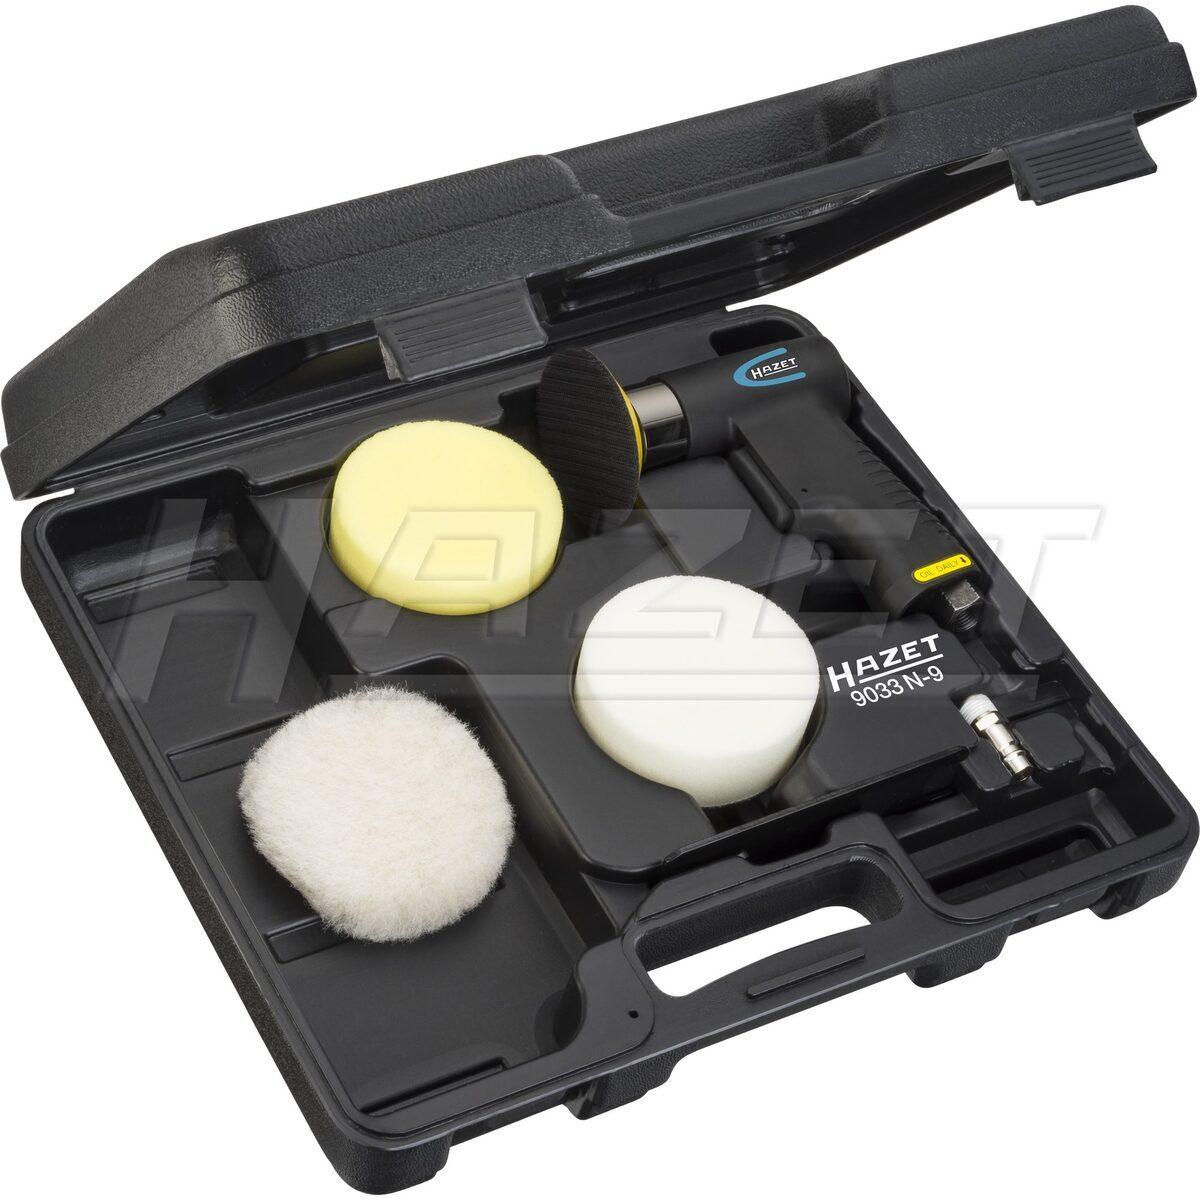 Mini sada na leštění - pneumatická leštička a kotouče, 6 dílů - HAZET 9033N-9